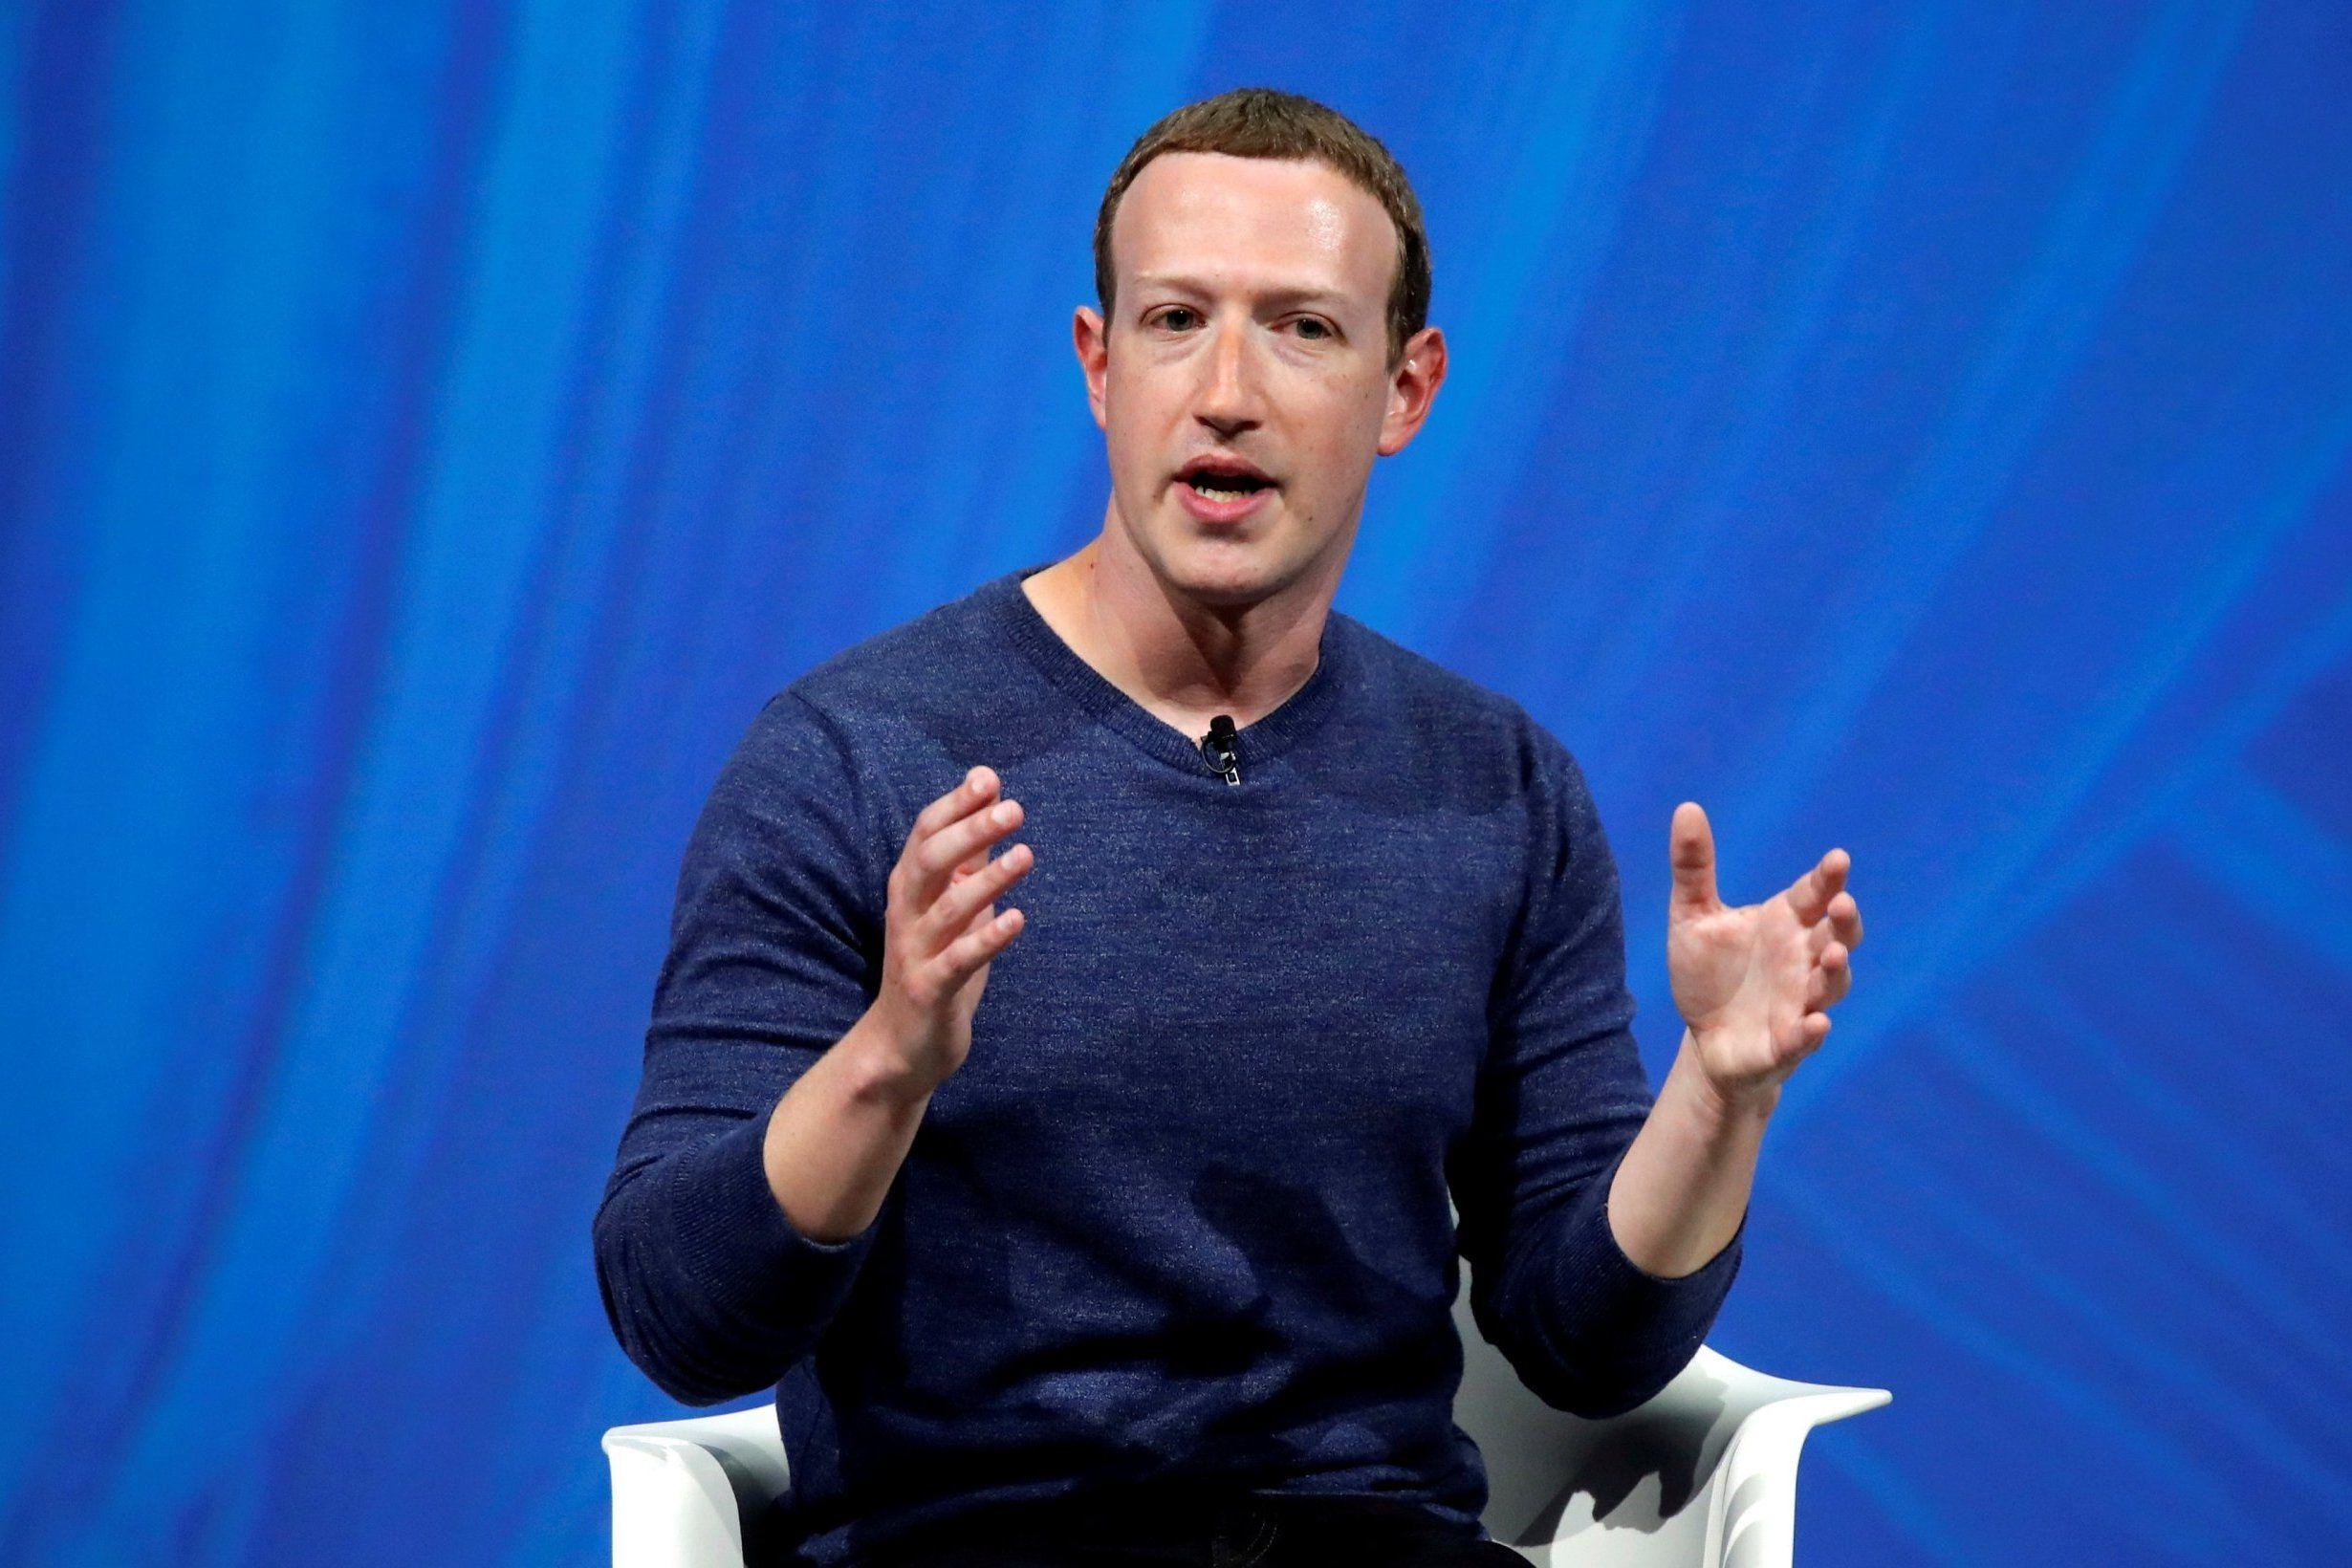 بسبب خلاف الخصوصية فيسبوك مُضطر لدفع 650 مليون دولار